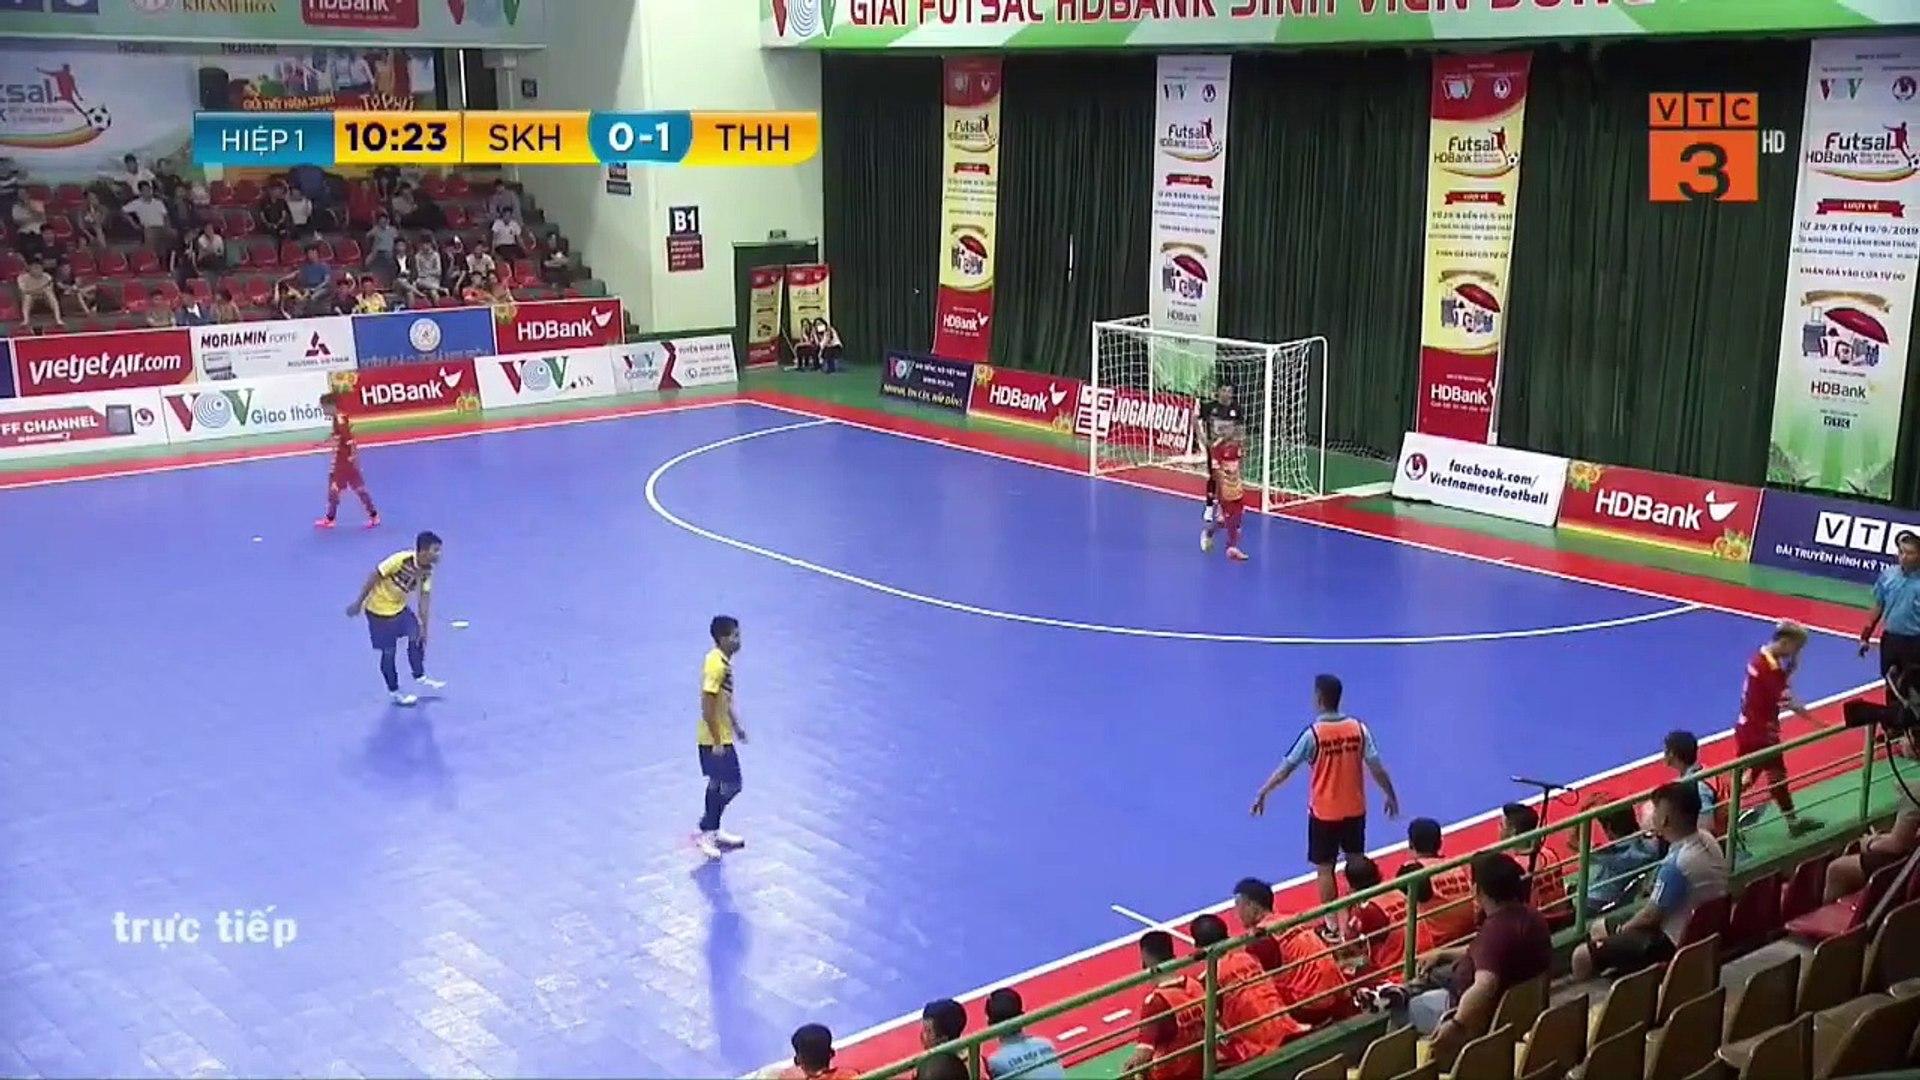 Trực tiếp   Sanvinest Sanna KH - Tân Hiệp Hưng   Futsal HDBank 2019   VFF Channel